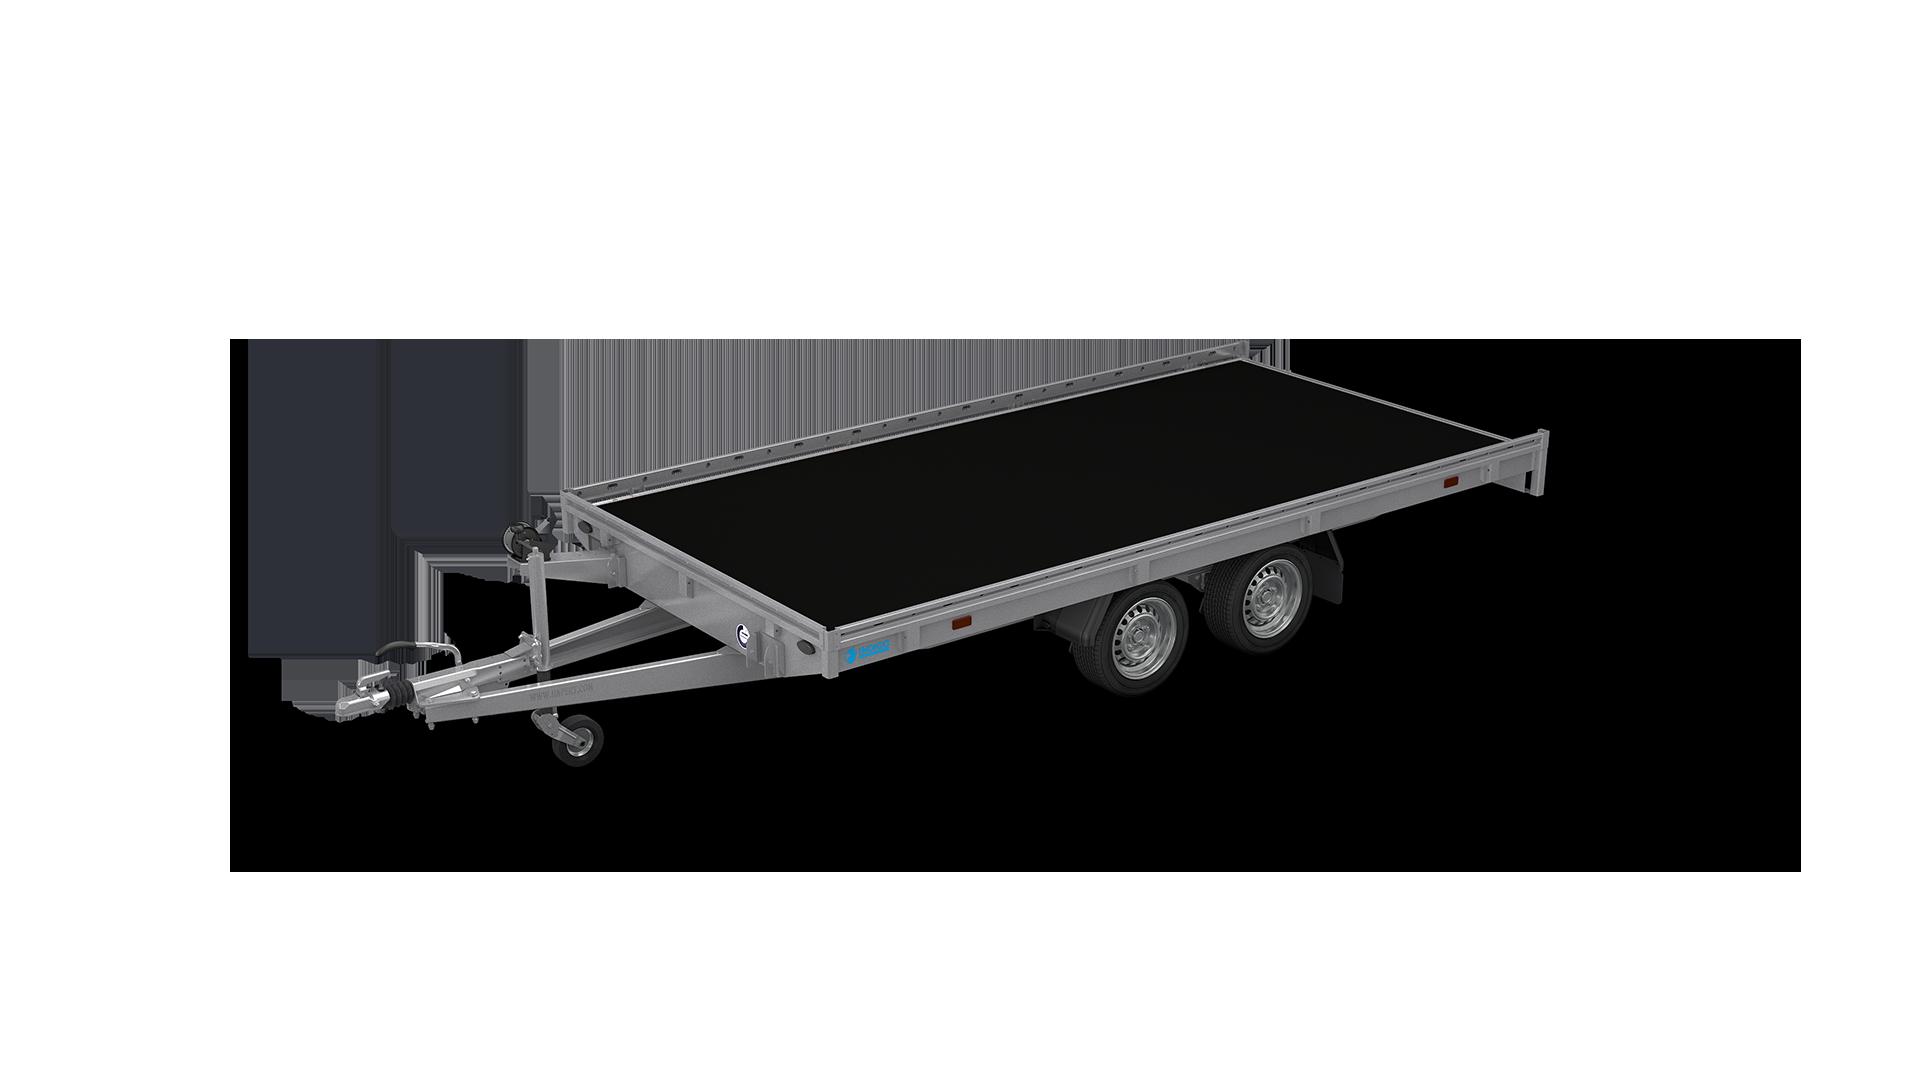 HAPERT remorque INDIGO HF-2 porte-voiture et engins à basculement hydraulique